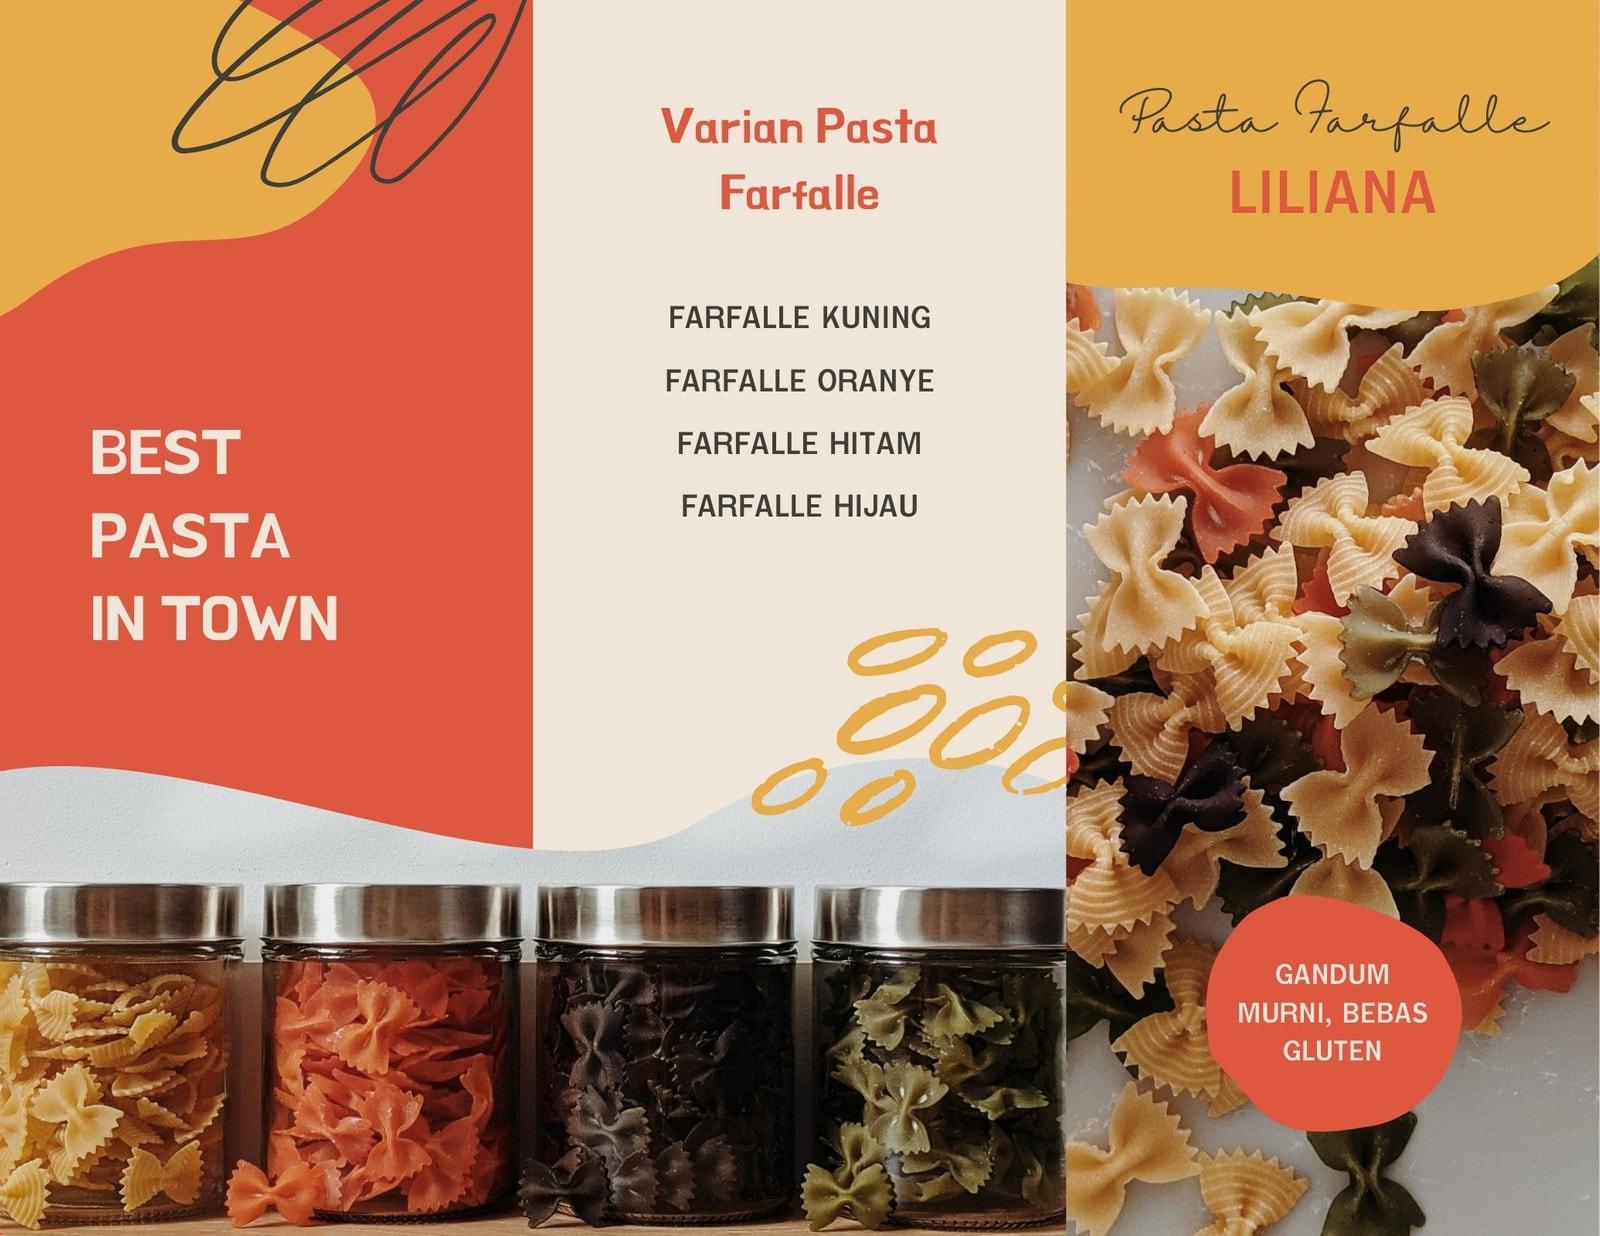 Brosur Daftar Harga Makanan Pasta Farfalle Warna Warni